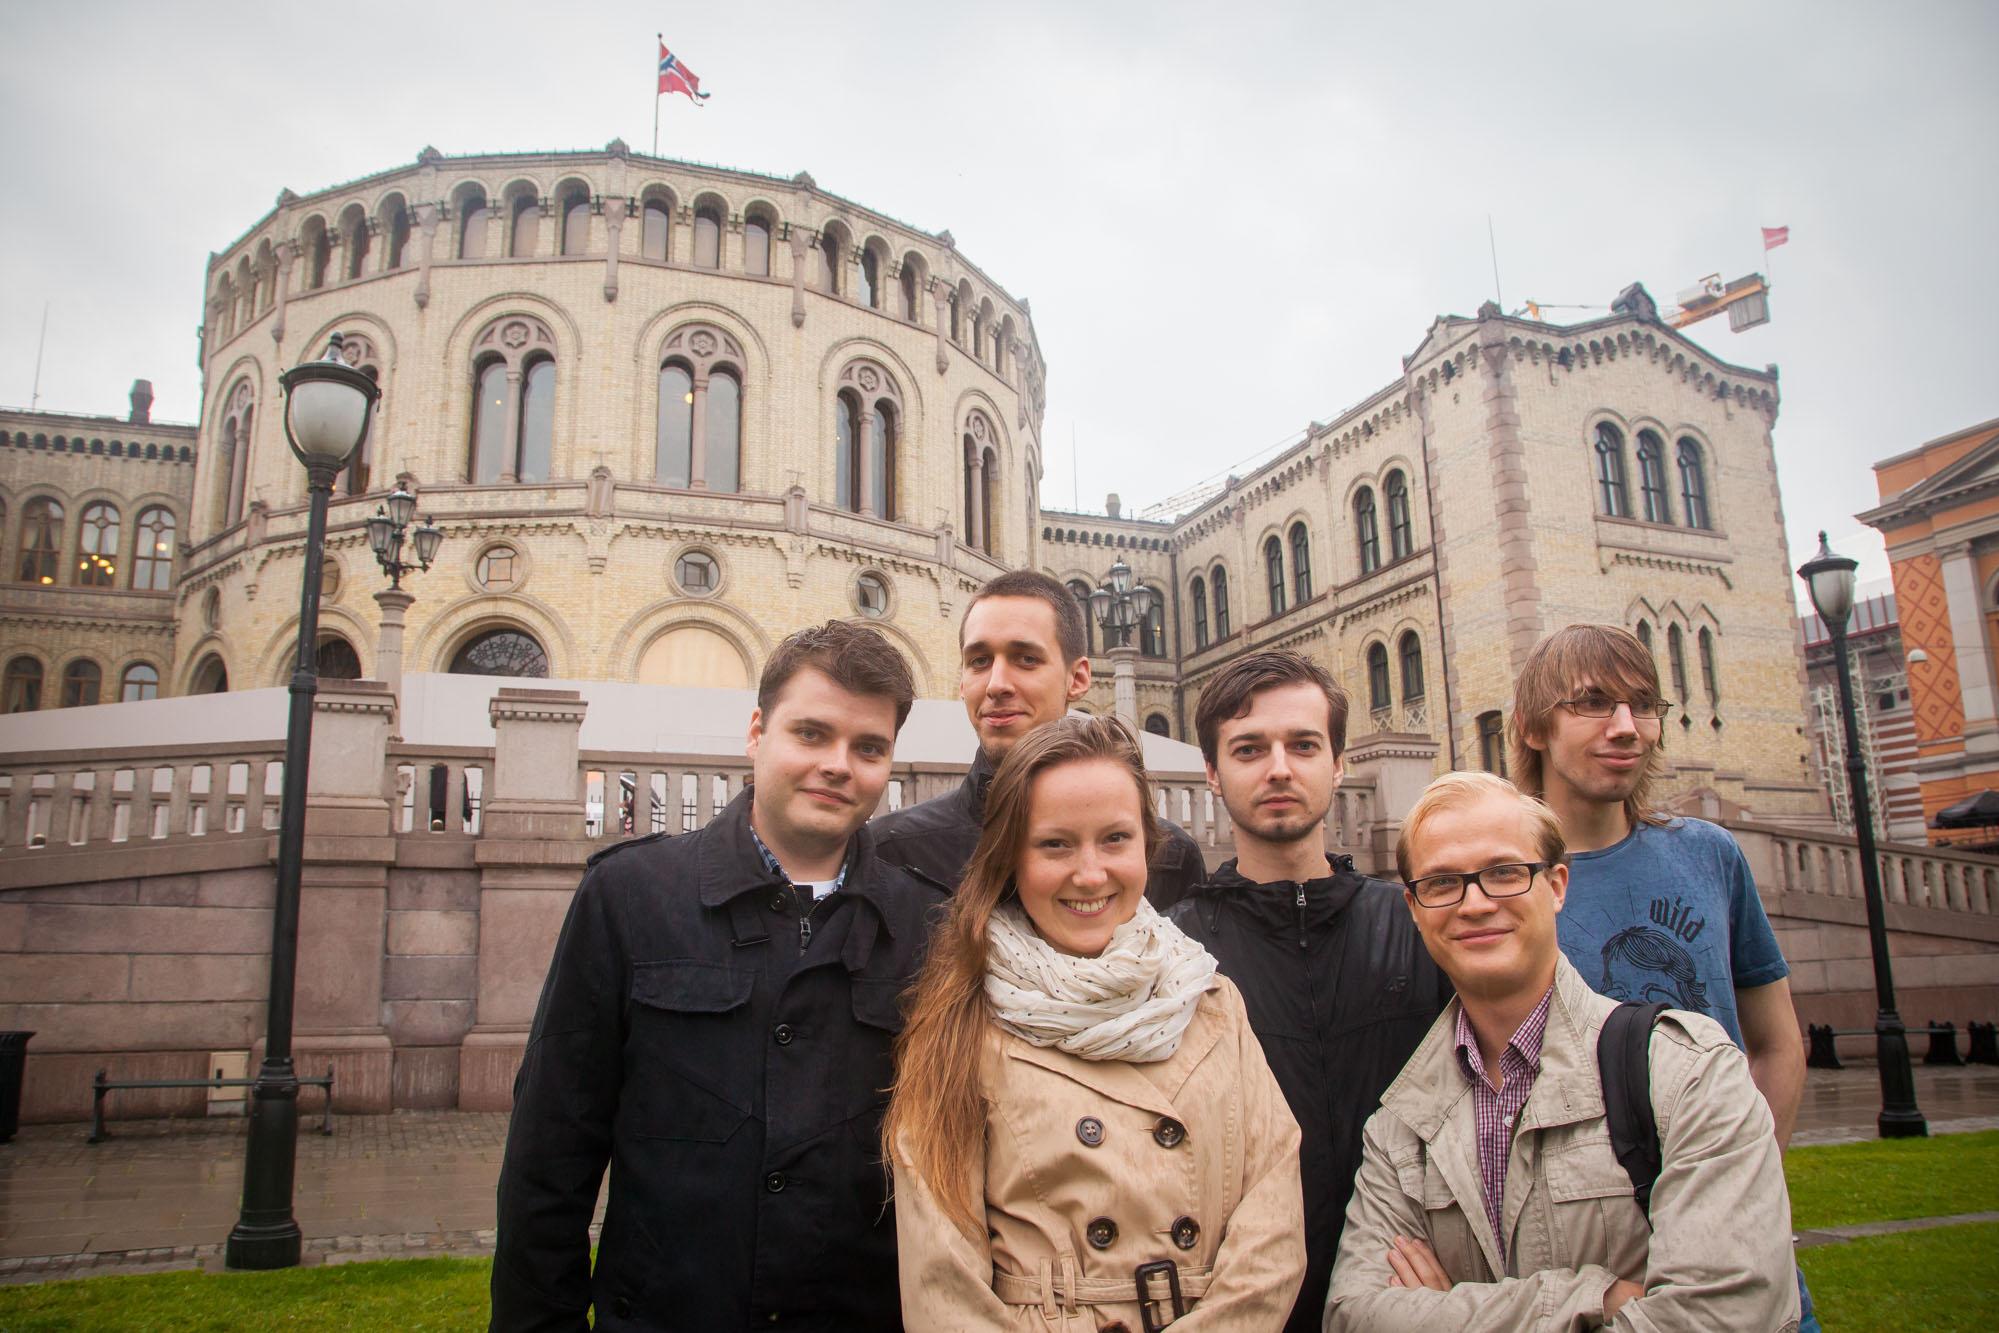 Outside the parliament in Oslo. From left: Bartosz Kahl, Daniel Bryła. Alicja Warchał. Aleksander Ciepiela, Patryk Konor and Piotr Malinowski. Photo: John Einar Sandvand